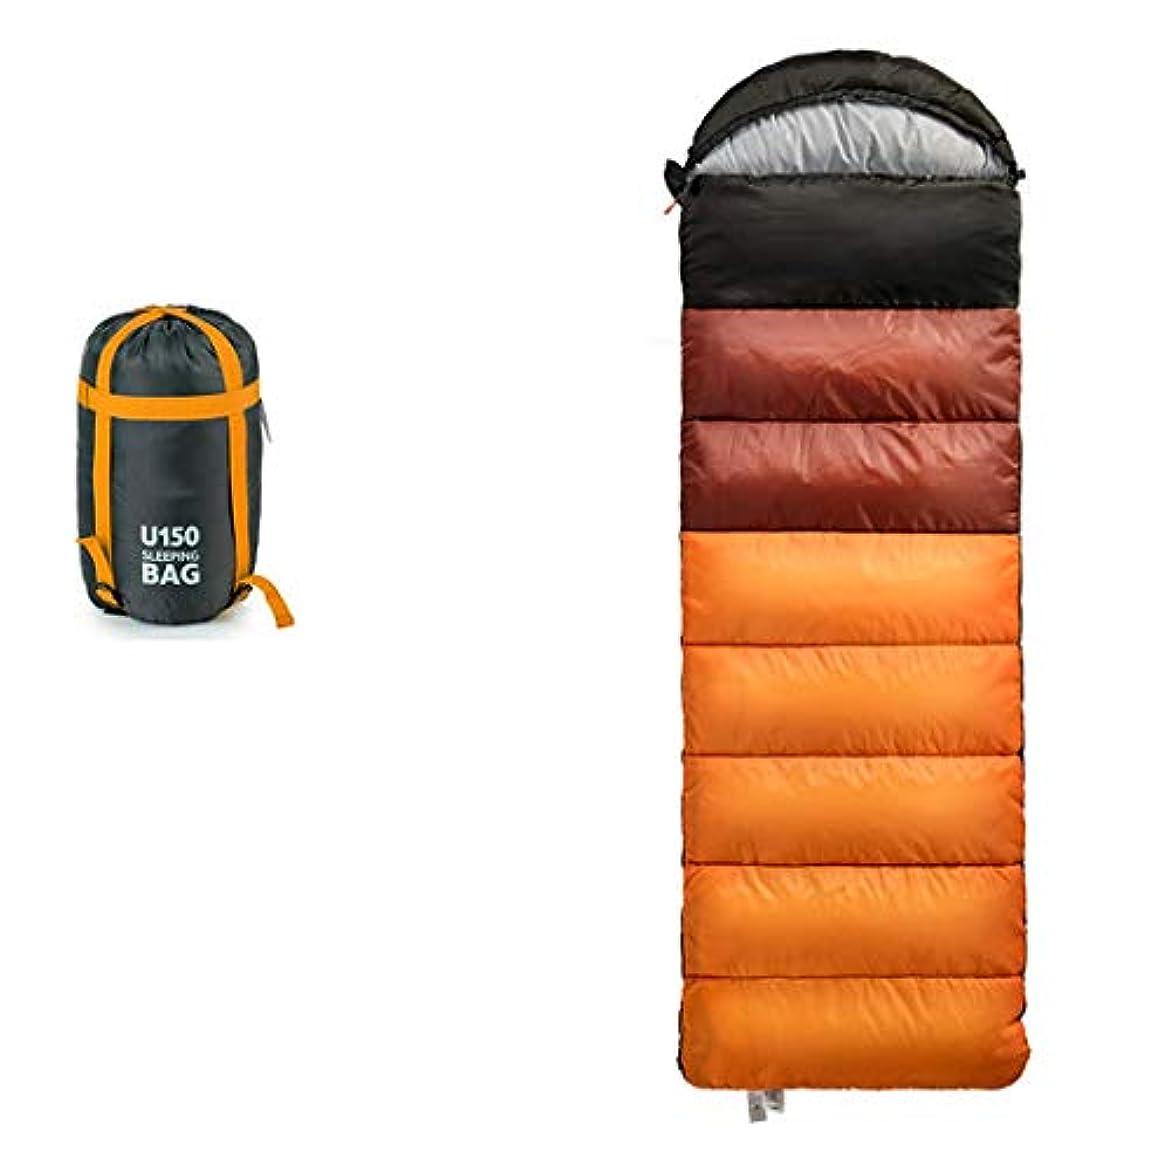 見出し批判シーンLilyAngel 寝袋綿の寝袋を持つ超軽いコールドウォームエンベロープアウトドアキャンプに適したポータブルシングル通気性の寝袋 (Color : オレンジ, サイズ : 1.1kg)